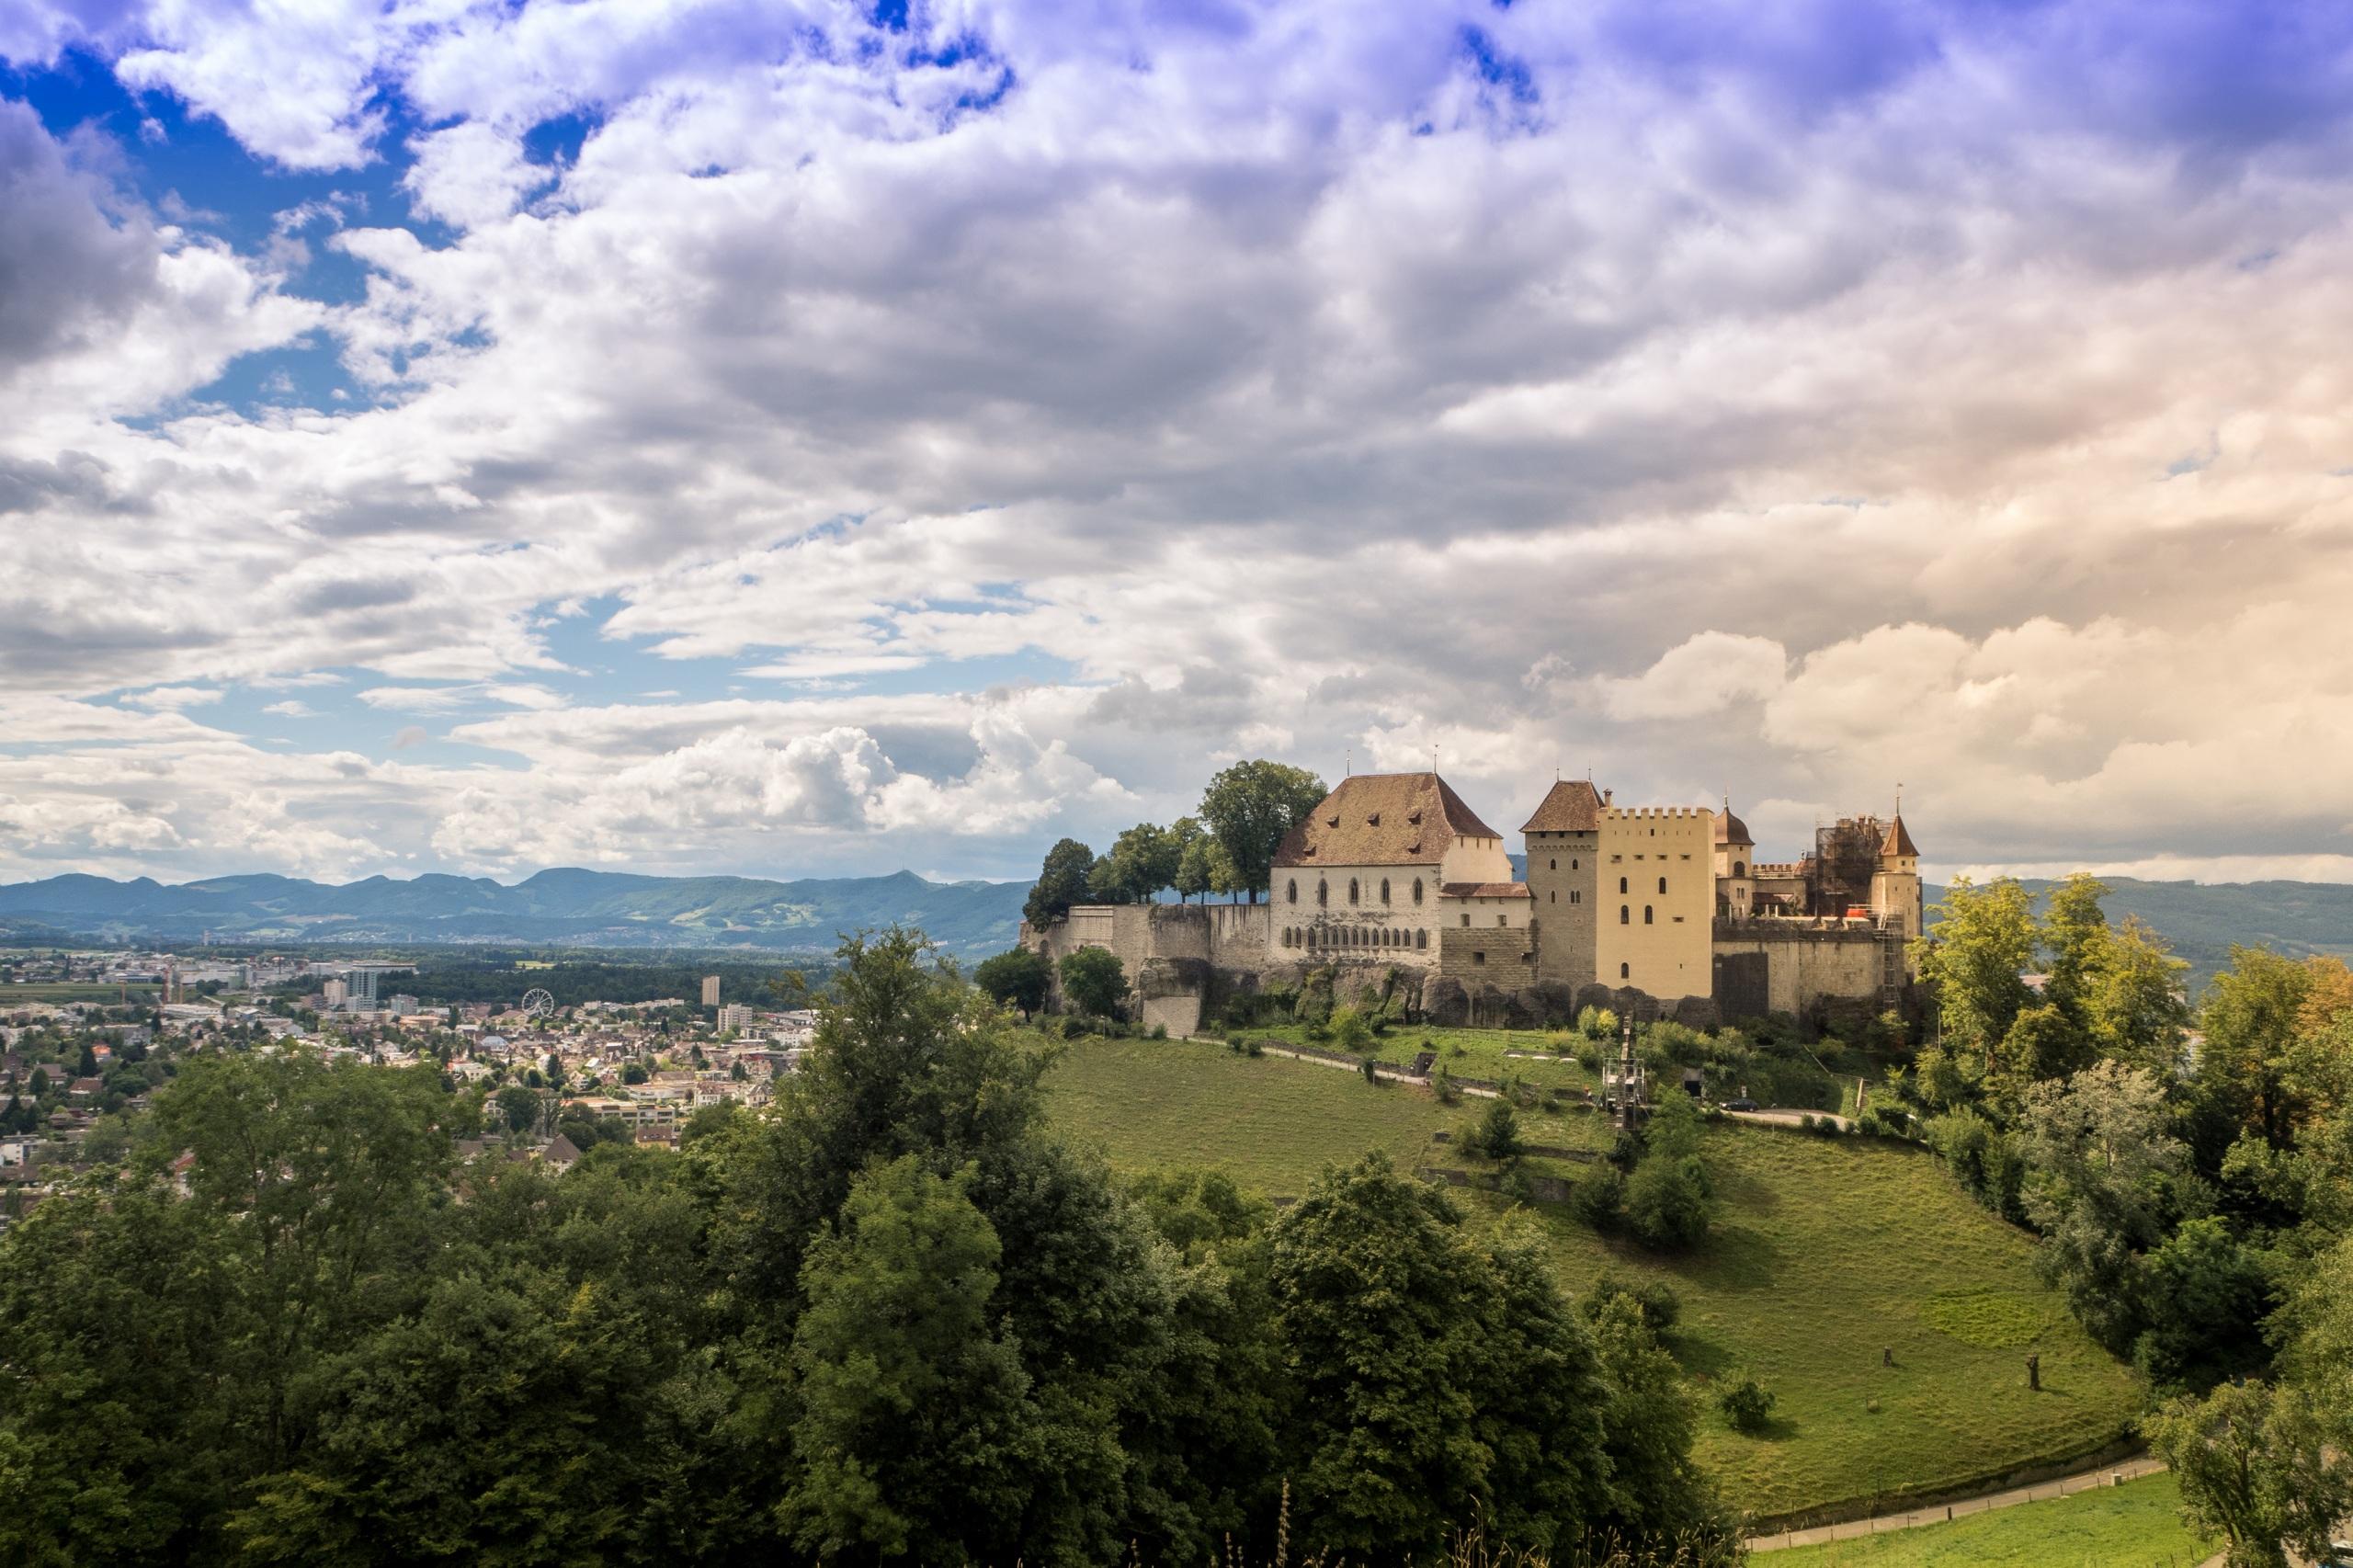 Фото Швейцария Lenzburg Castle Замки Небо Города Облака Ландшафтный дизайн 2560x1706